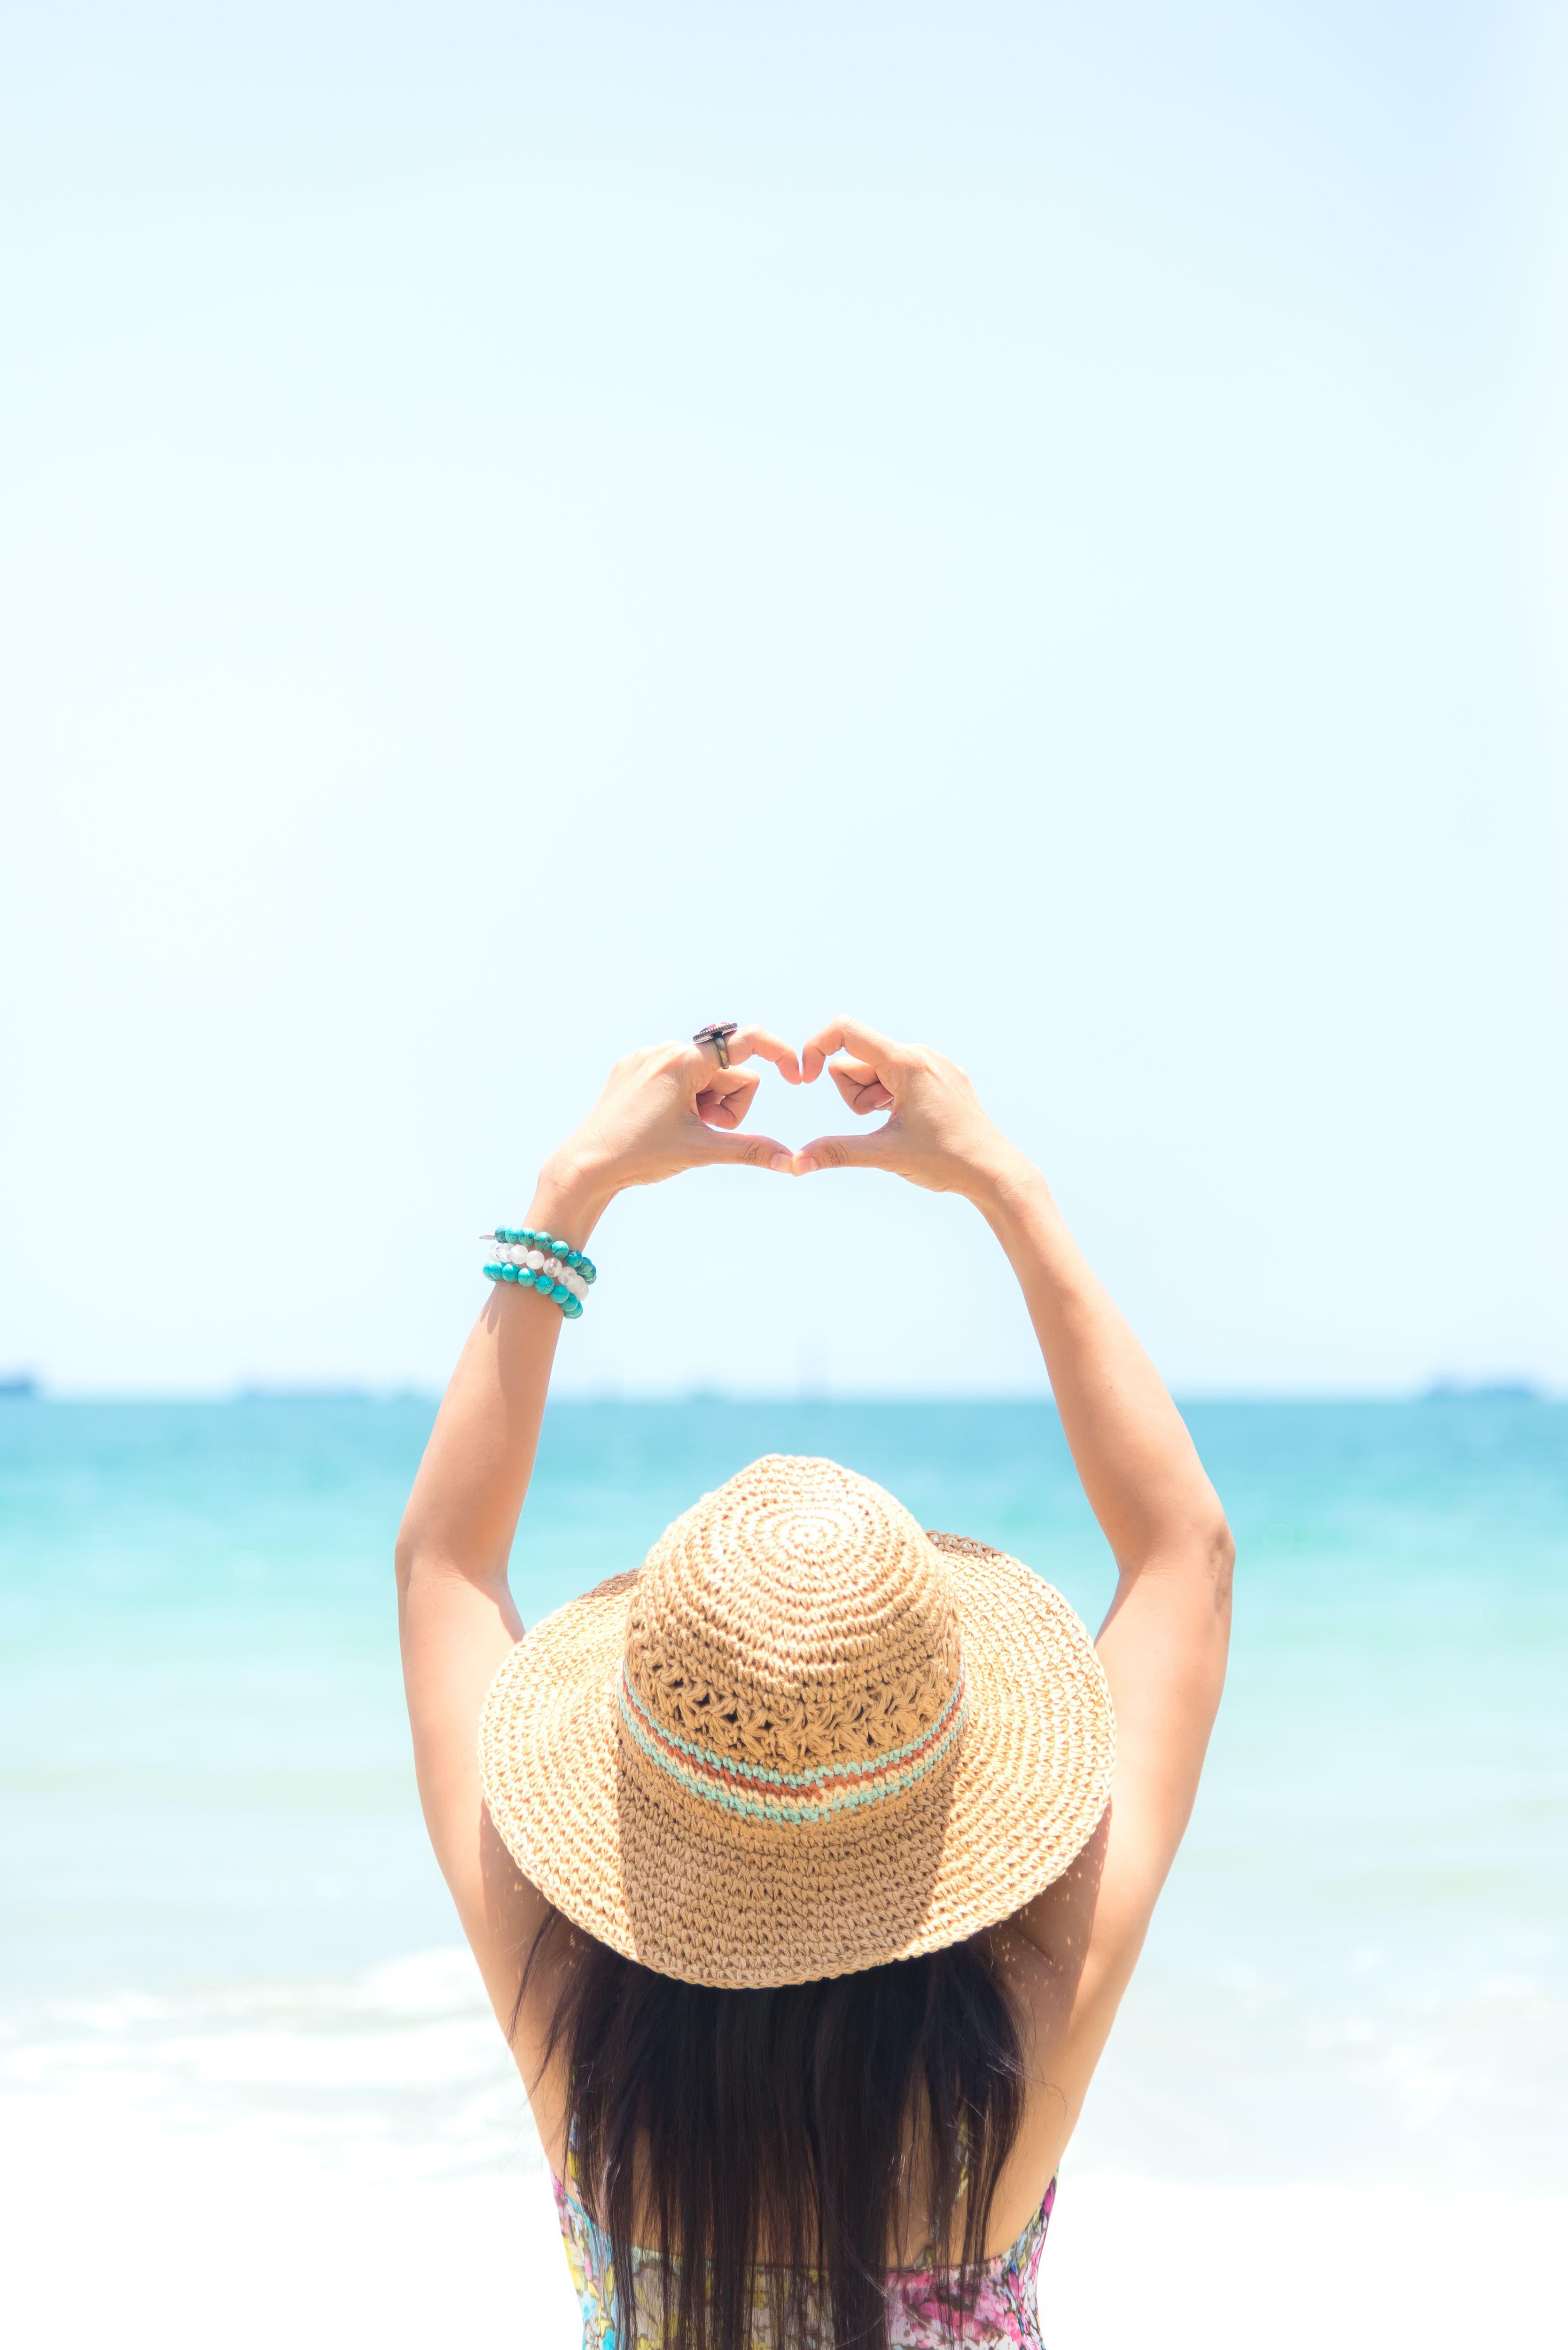 Spremne za ljeto! Donosimo sve što vam je potrebno kako biste zasjale na plaži